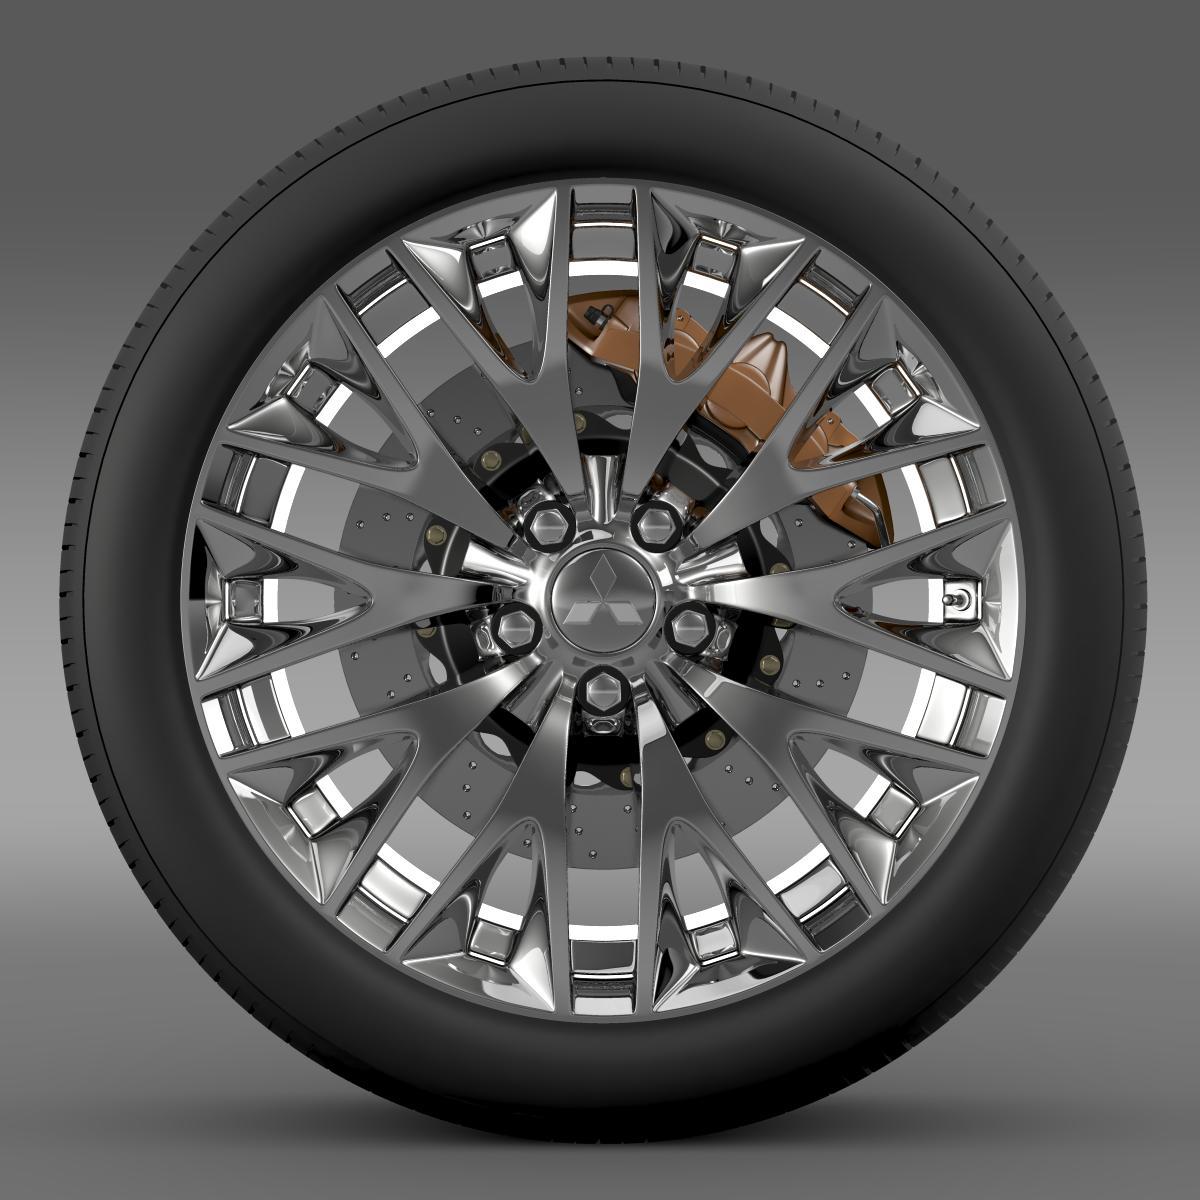 mitsubishi dignity wheel 3d model 3ds max fbx c4d lwo ma mb hrc xsi obj 210799